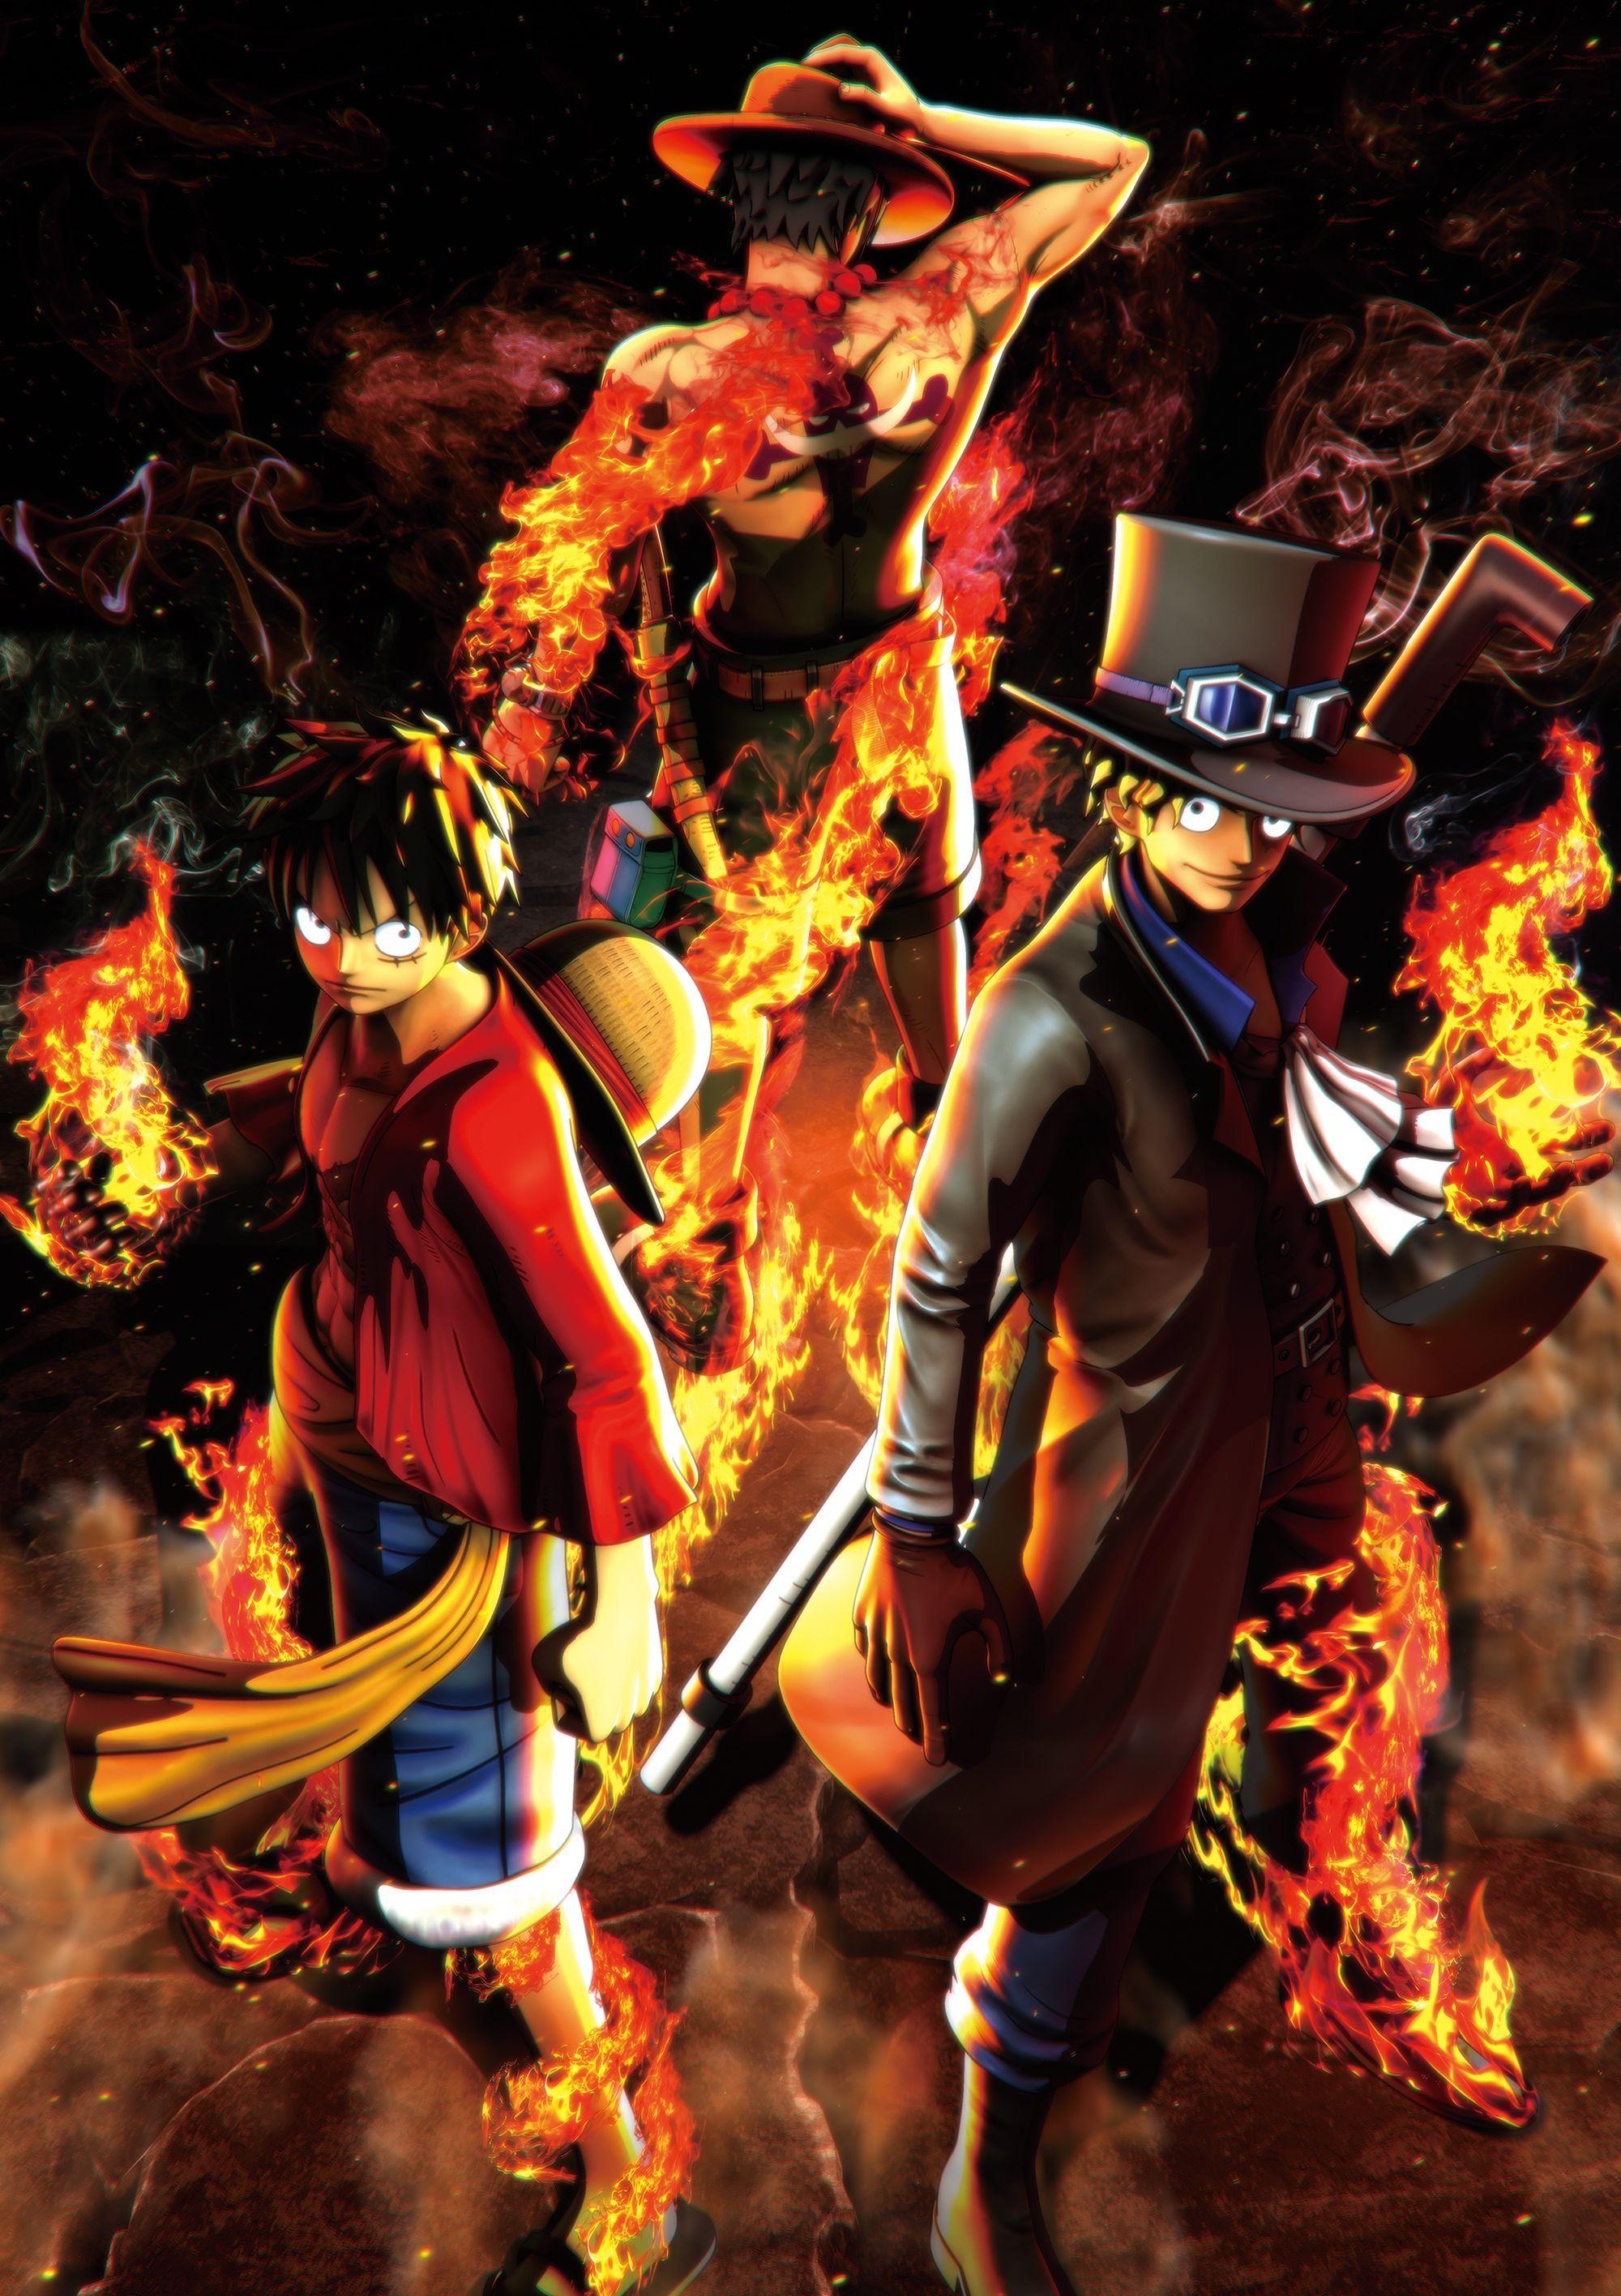 Download 700 Wallpaper 3d One Piece Paling Keren One Piece Anime One Piece One Piece Drawing